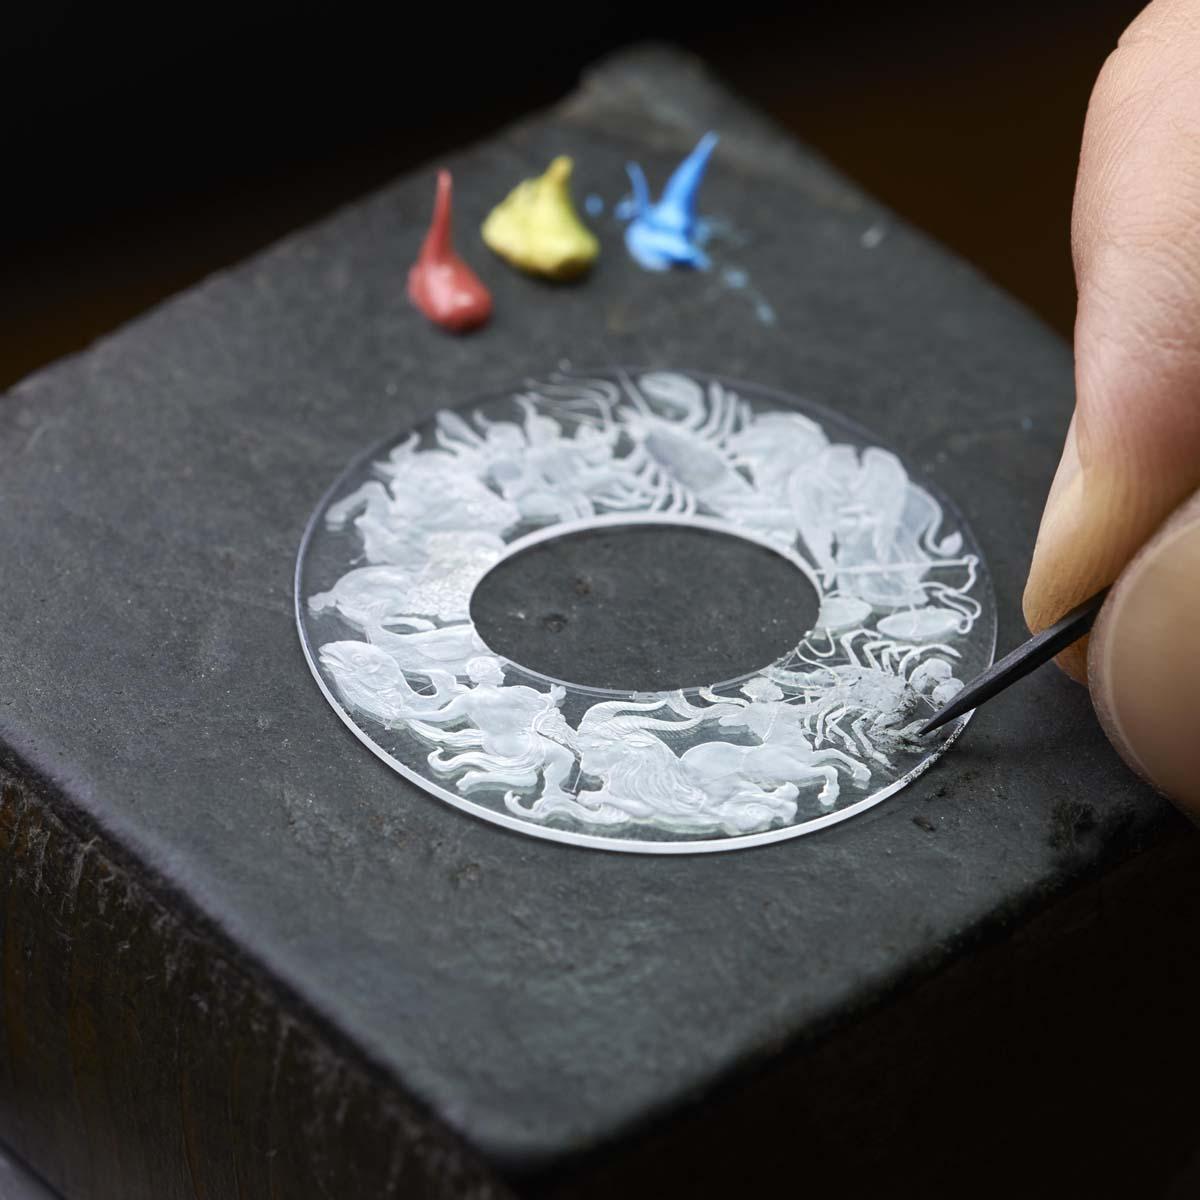 La Cote des Montres : Photo - Vacheron Constantin Métiers d'Art Copernic sphères célestes